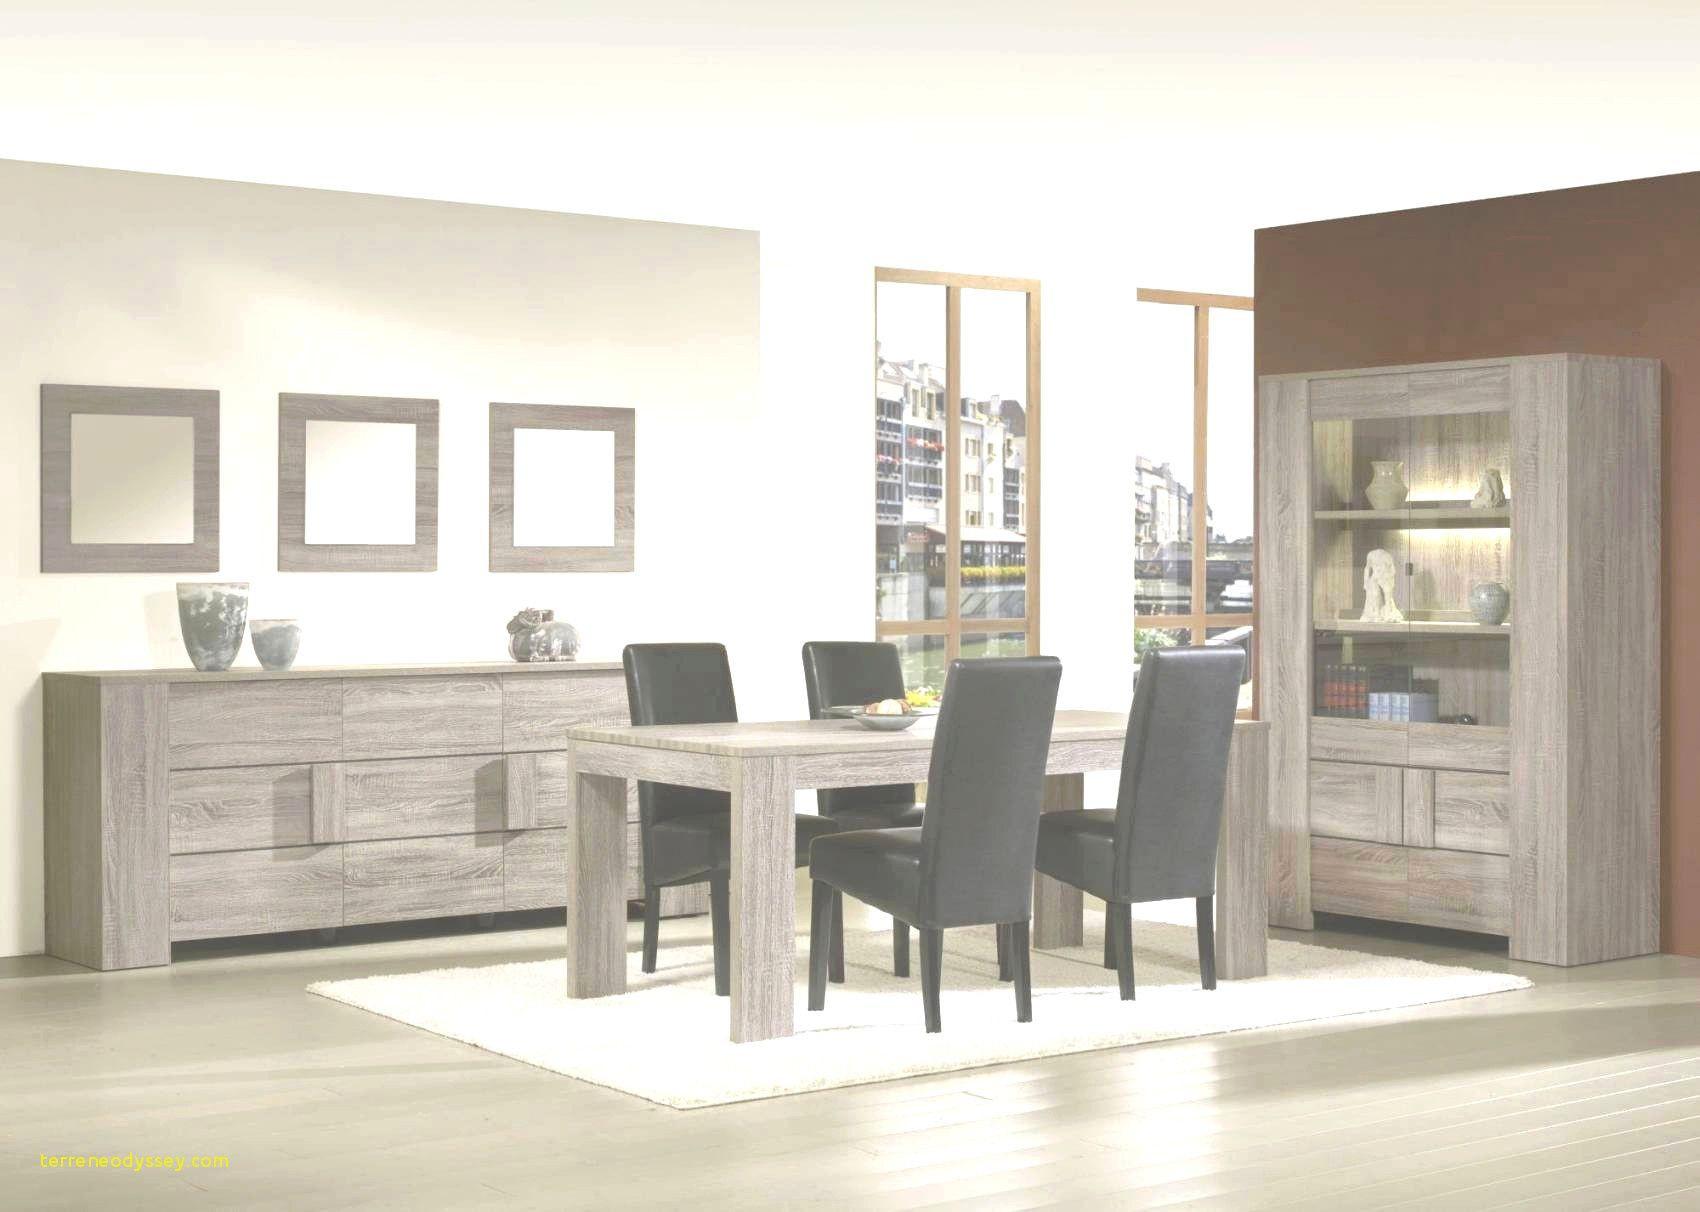 meuble pour terrasse meuble cuisine de jardin ou meuble pour terrasse idee jardin inspire of meuble pour terrasse